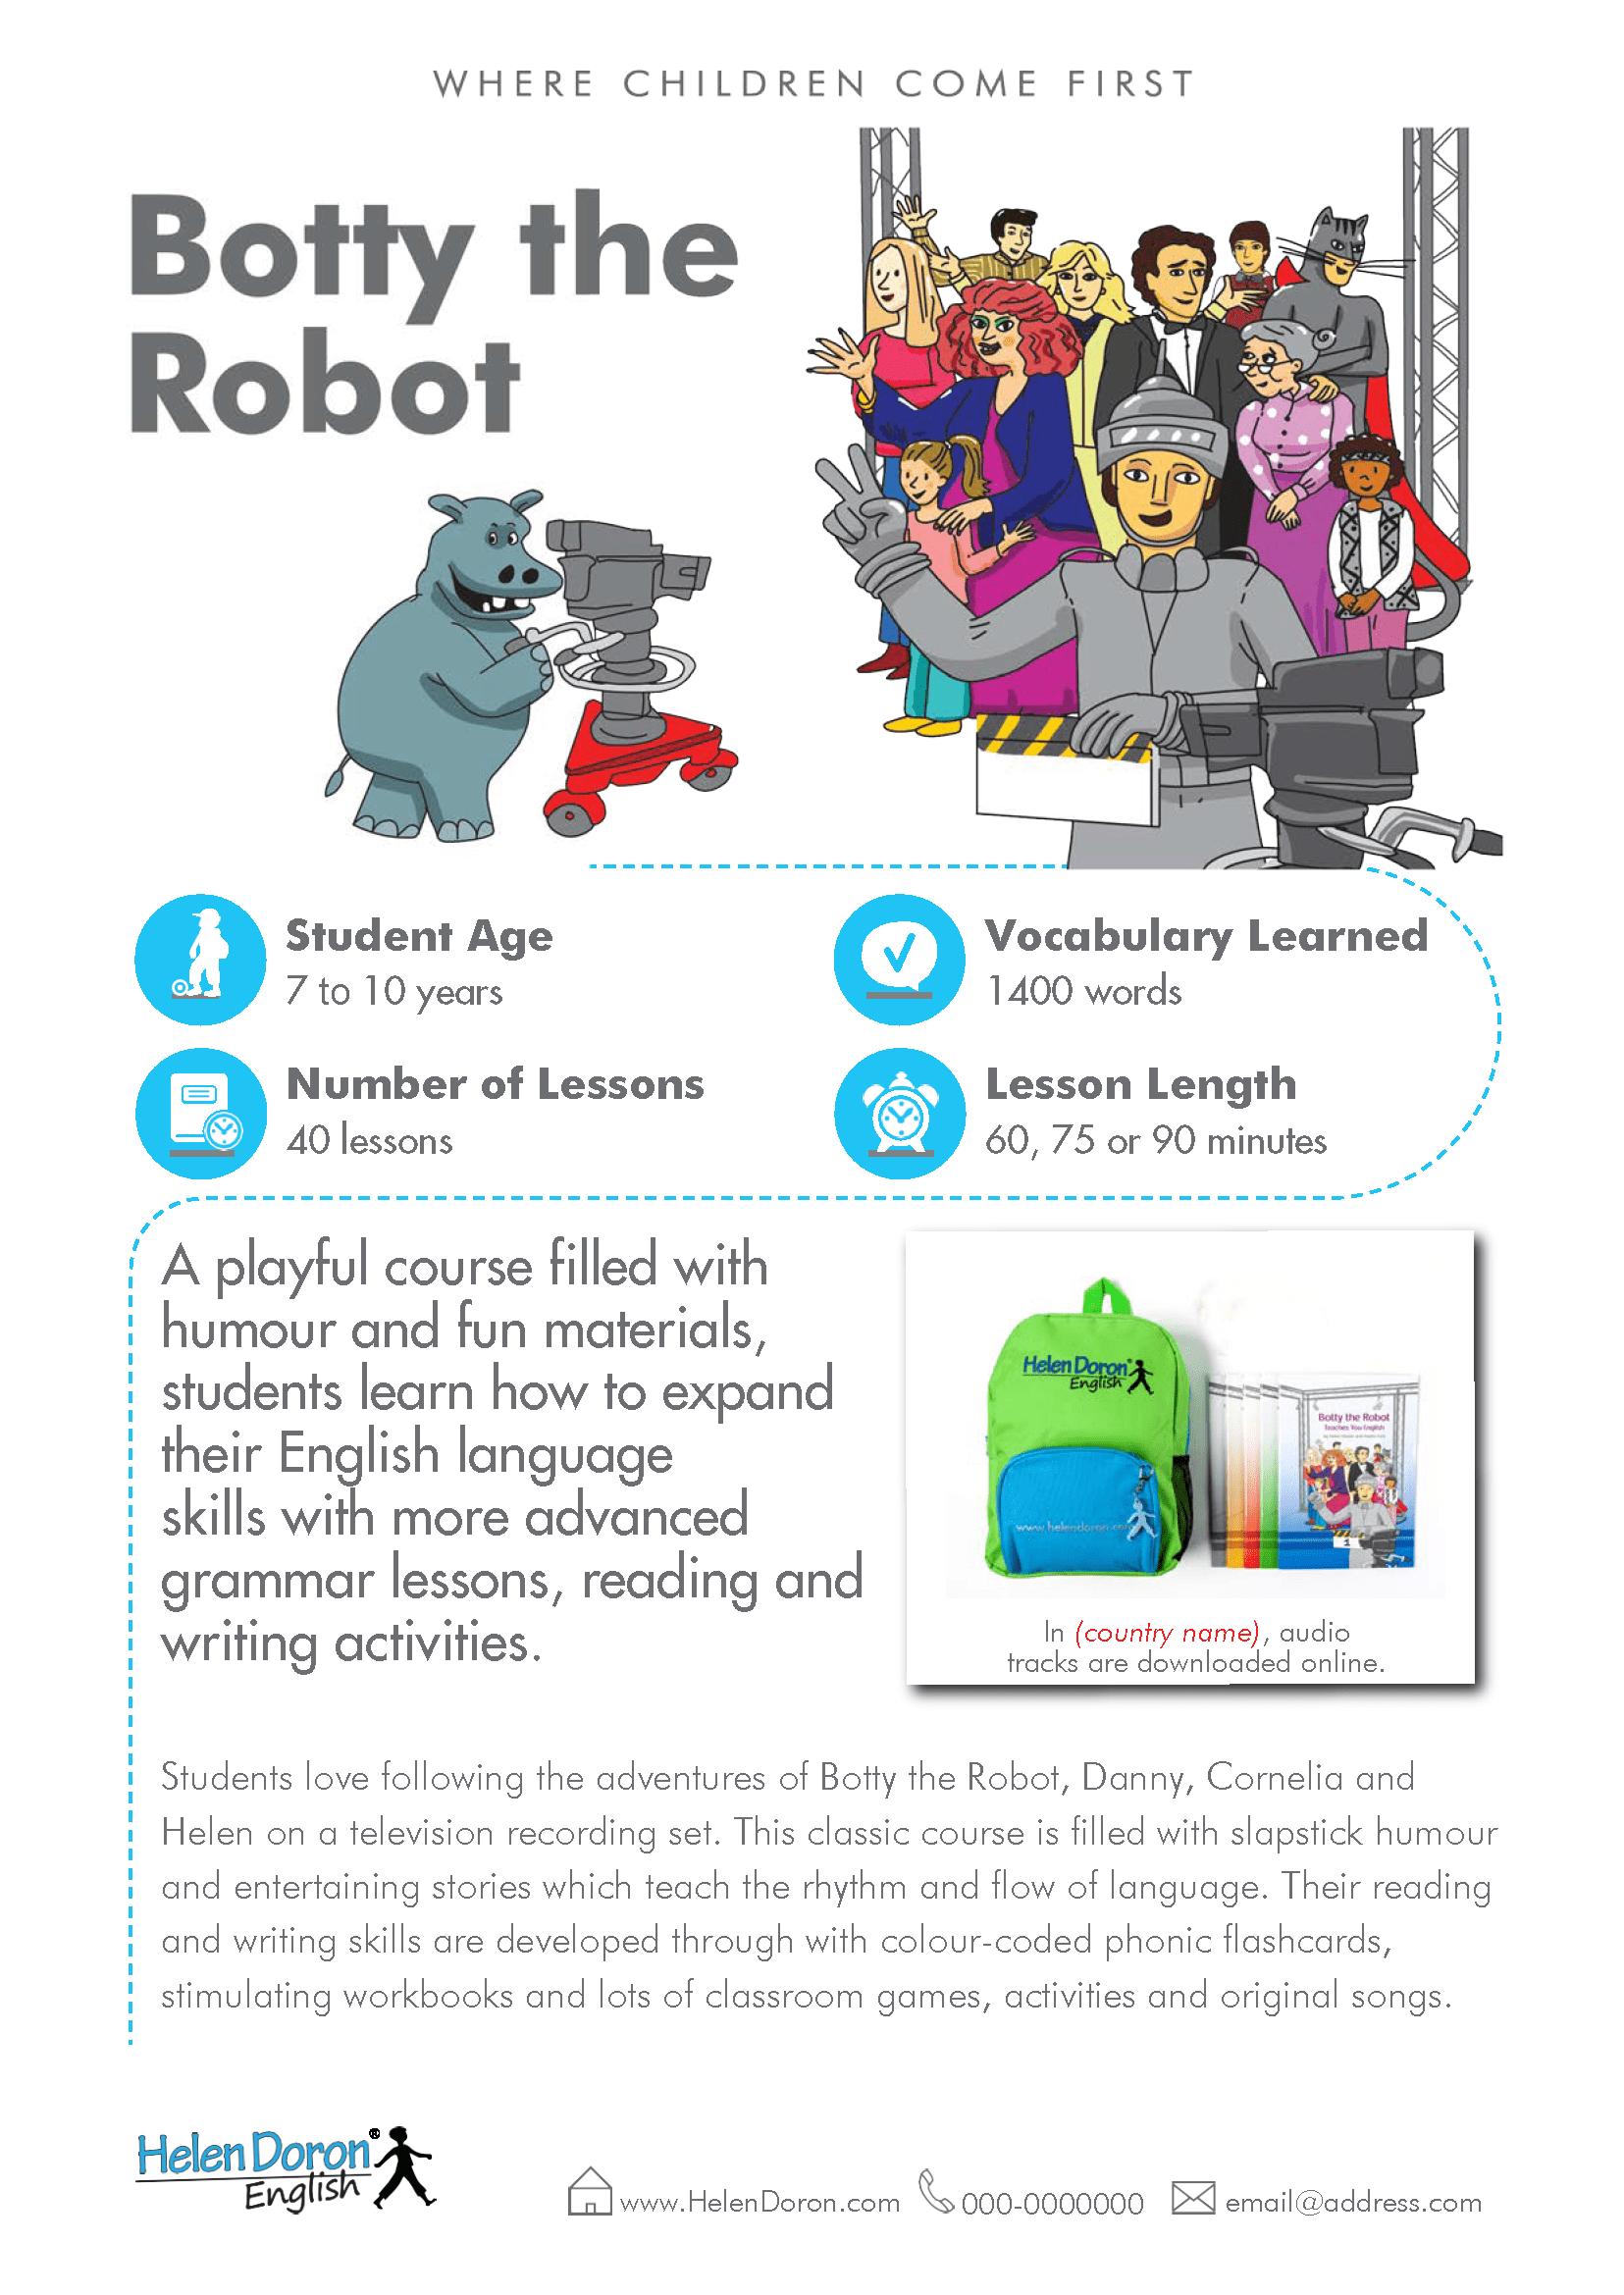 Letöltés - Botty the Robot 